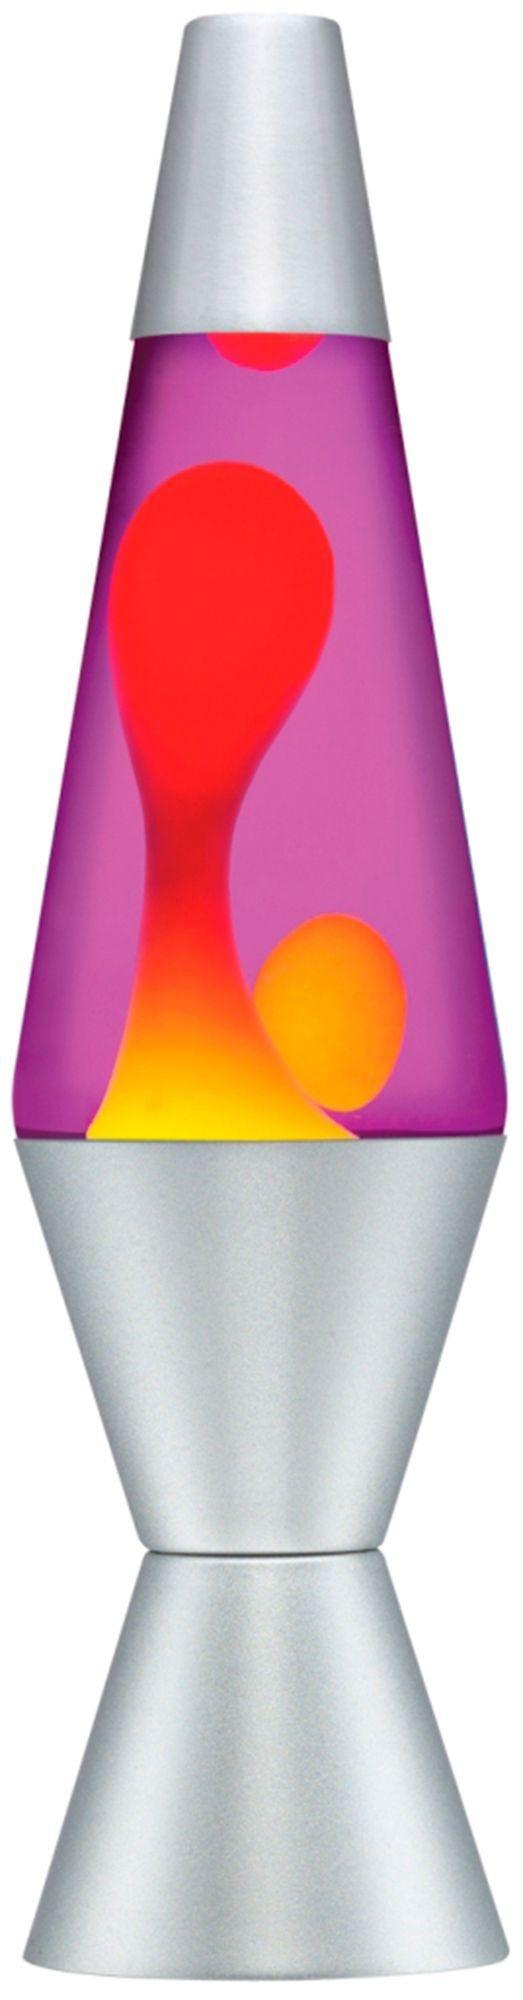 Lava 14.5in Classic Lava lamp - Yellow & Purple